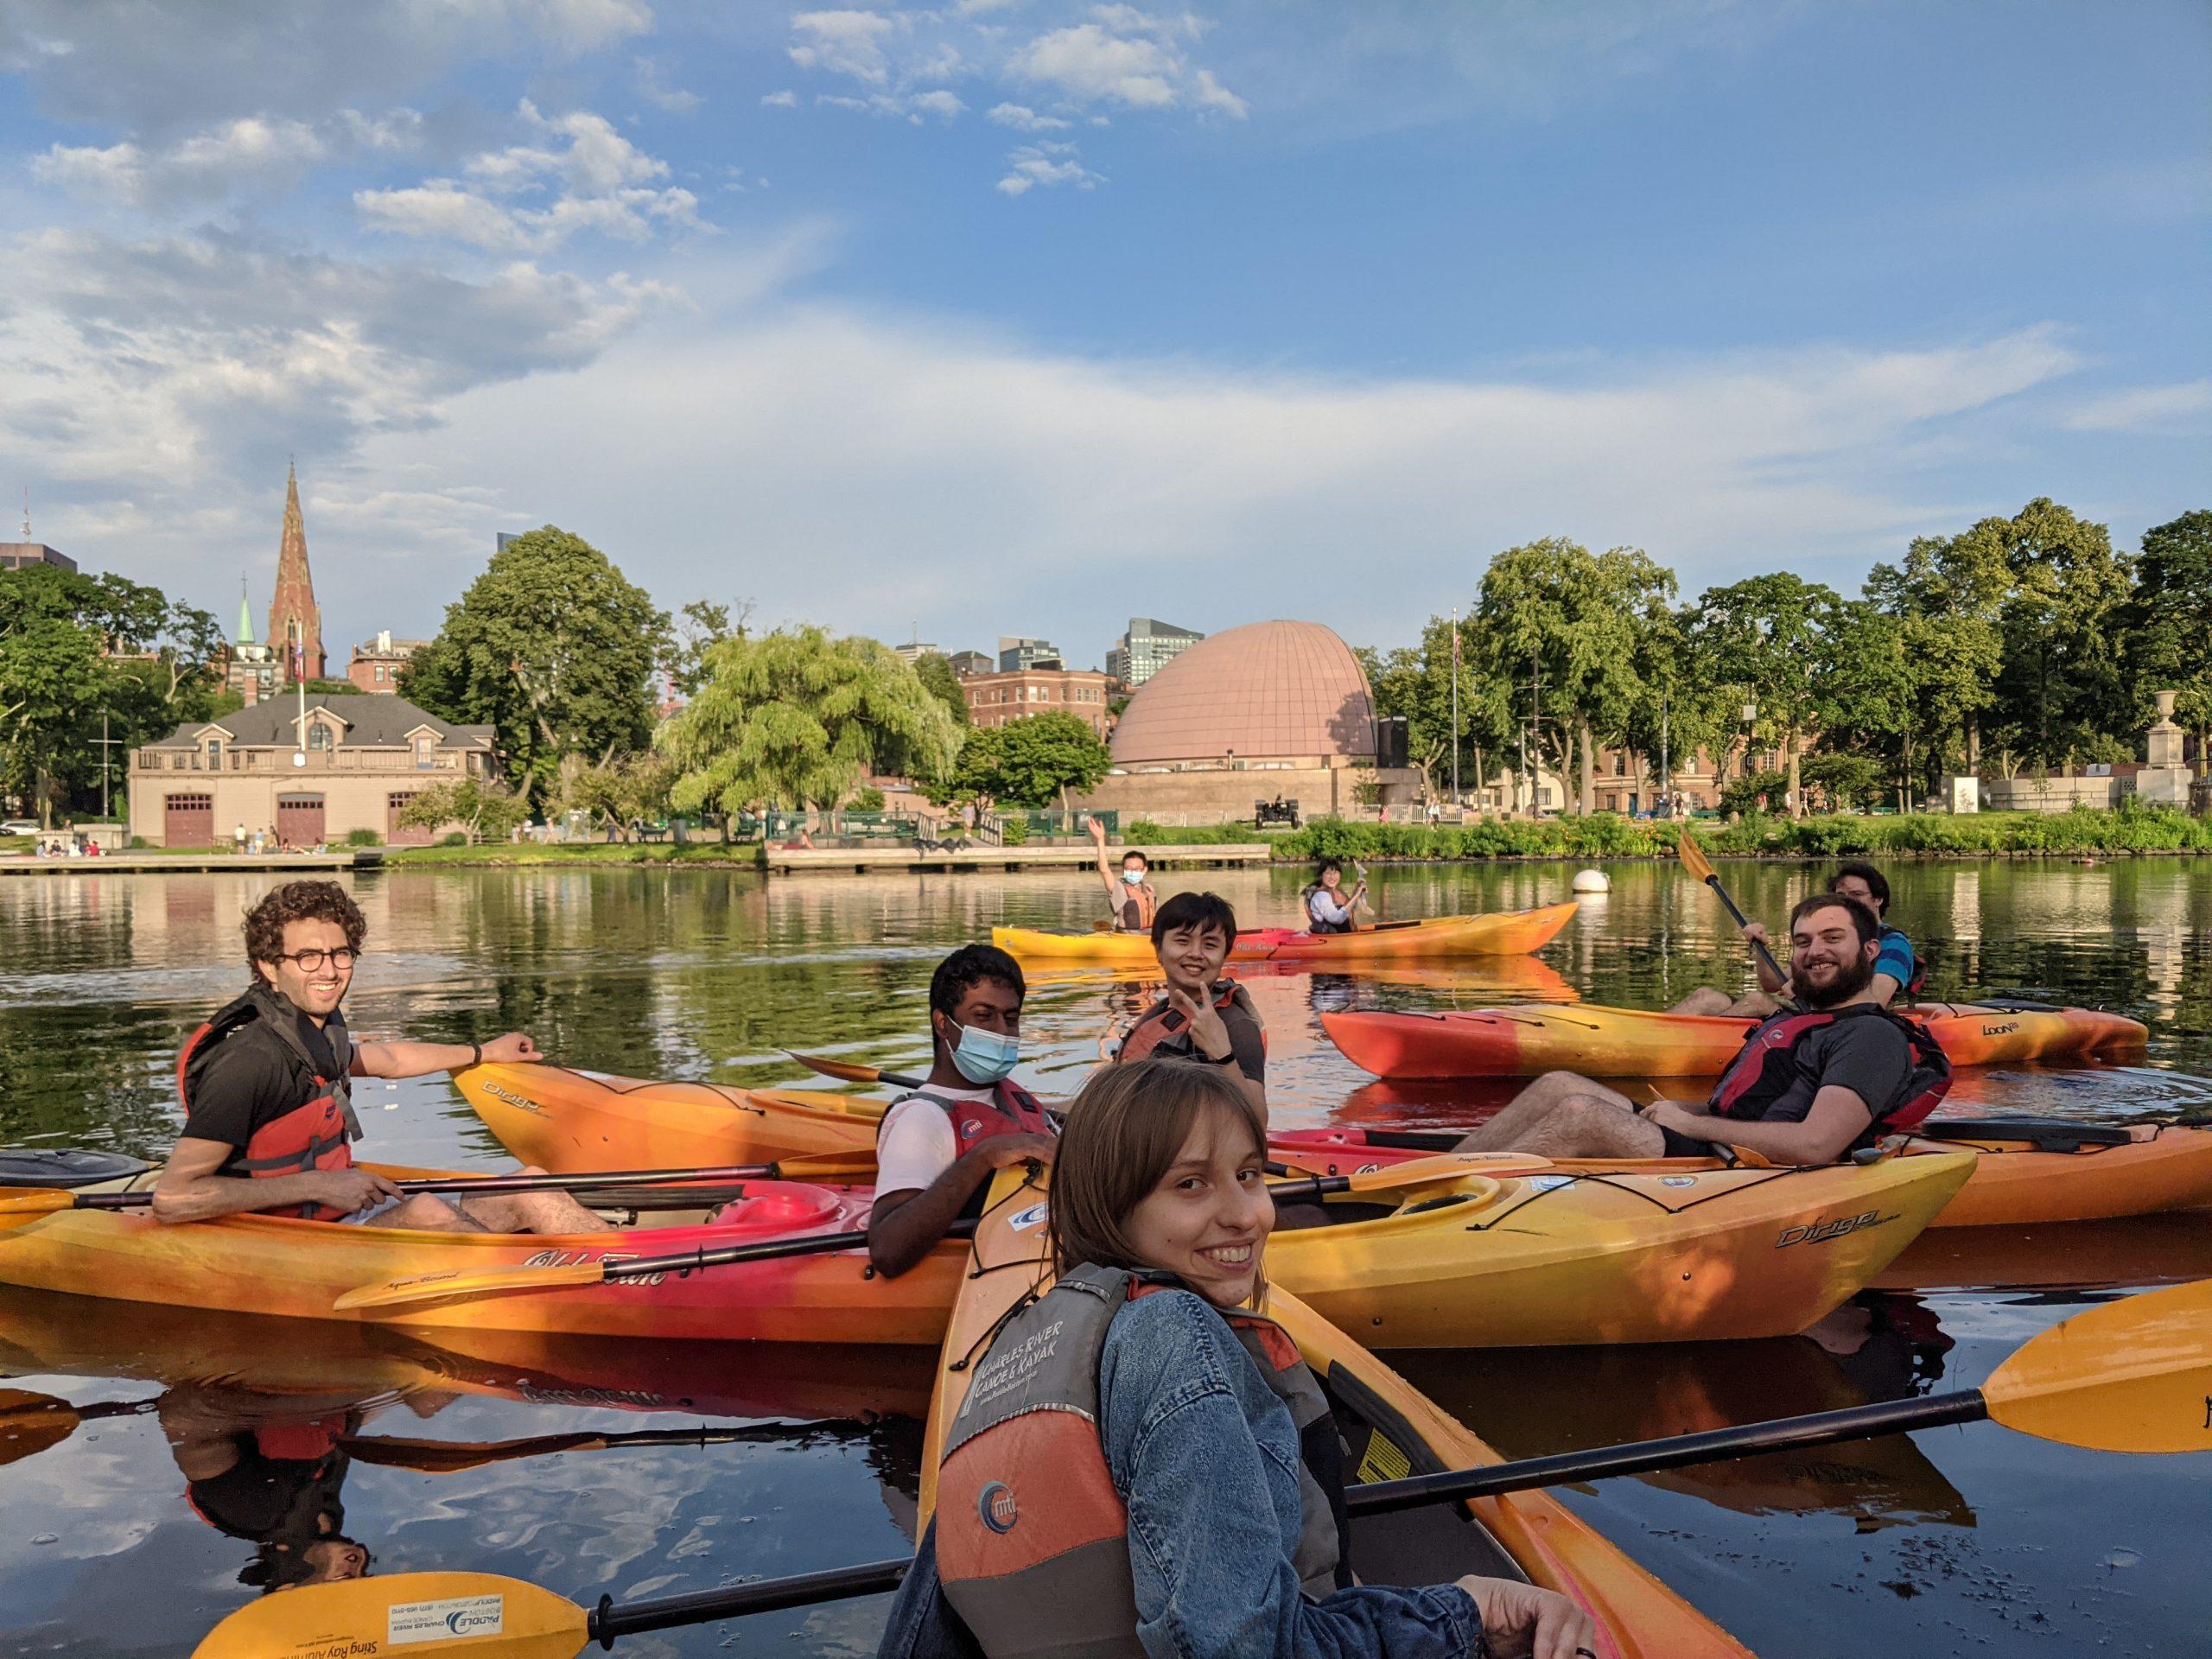 Kayaking on the Charles (Jul '21)